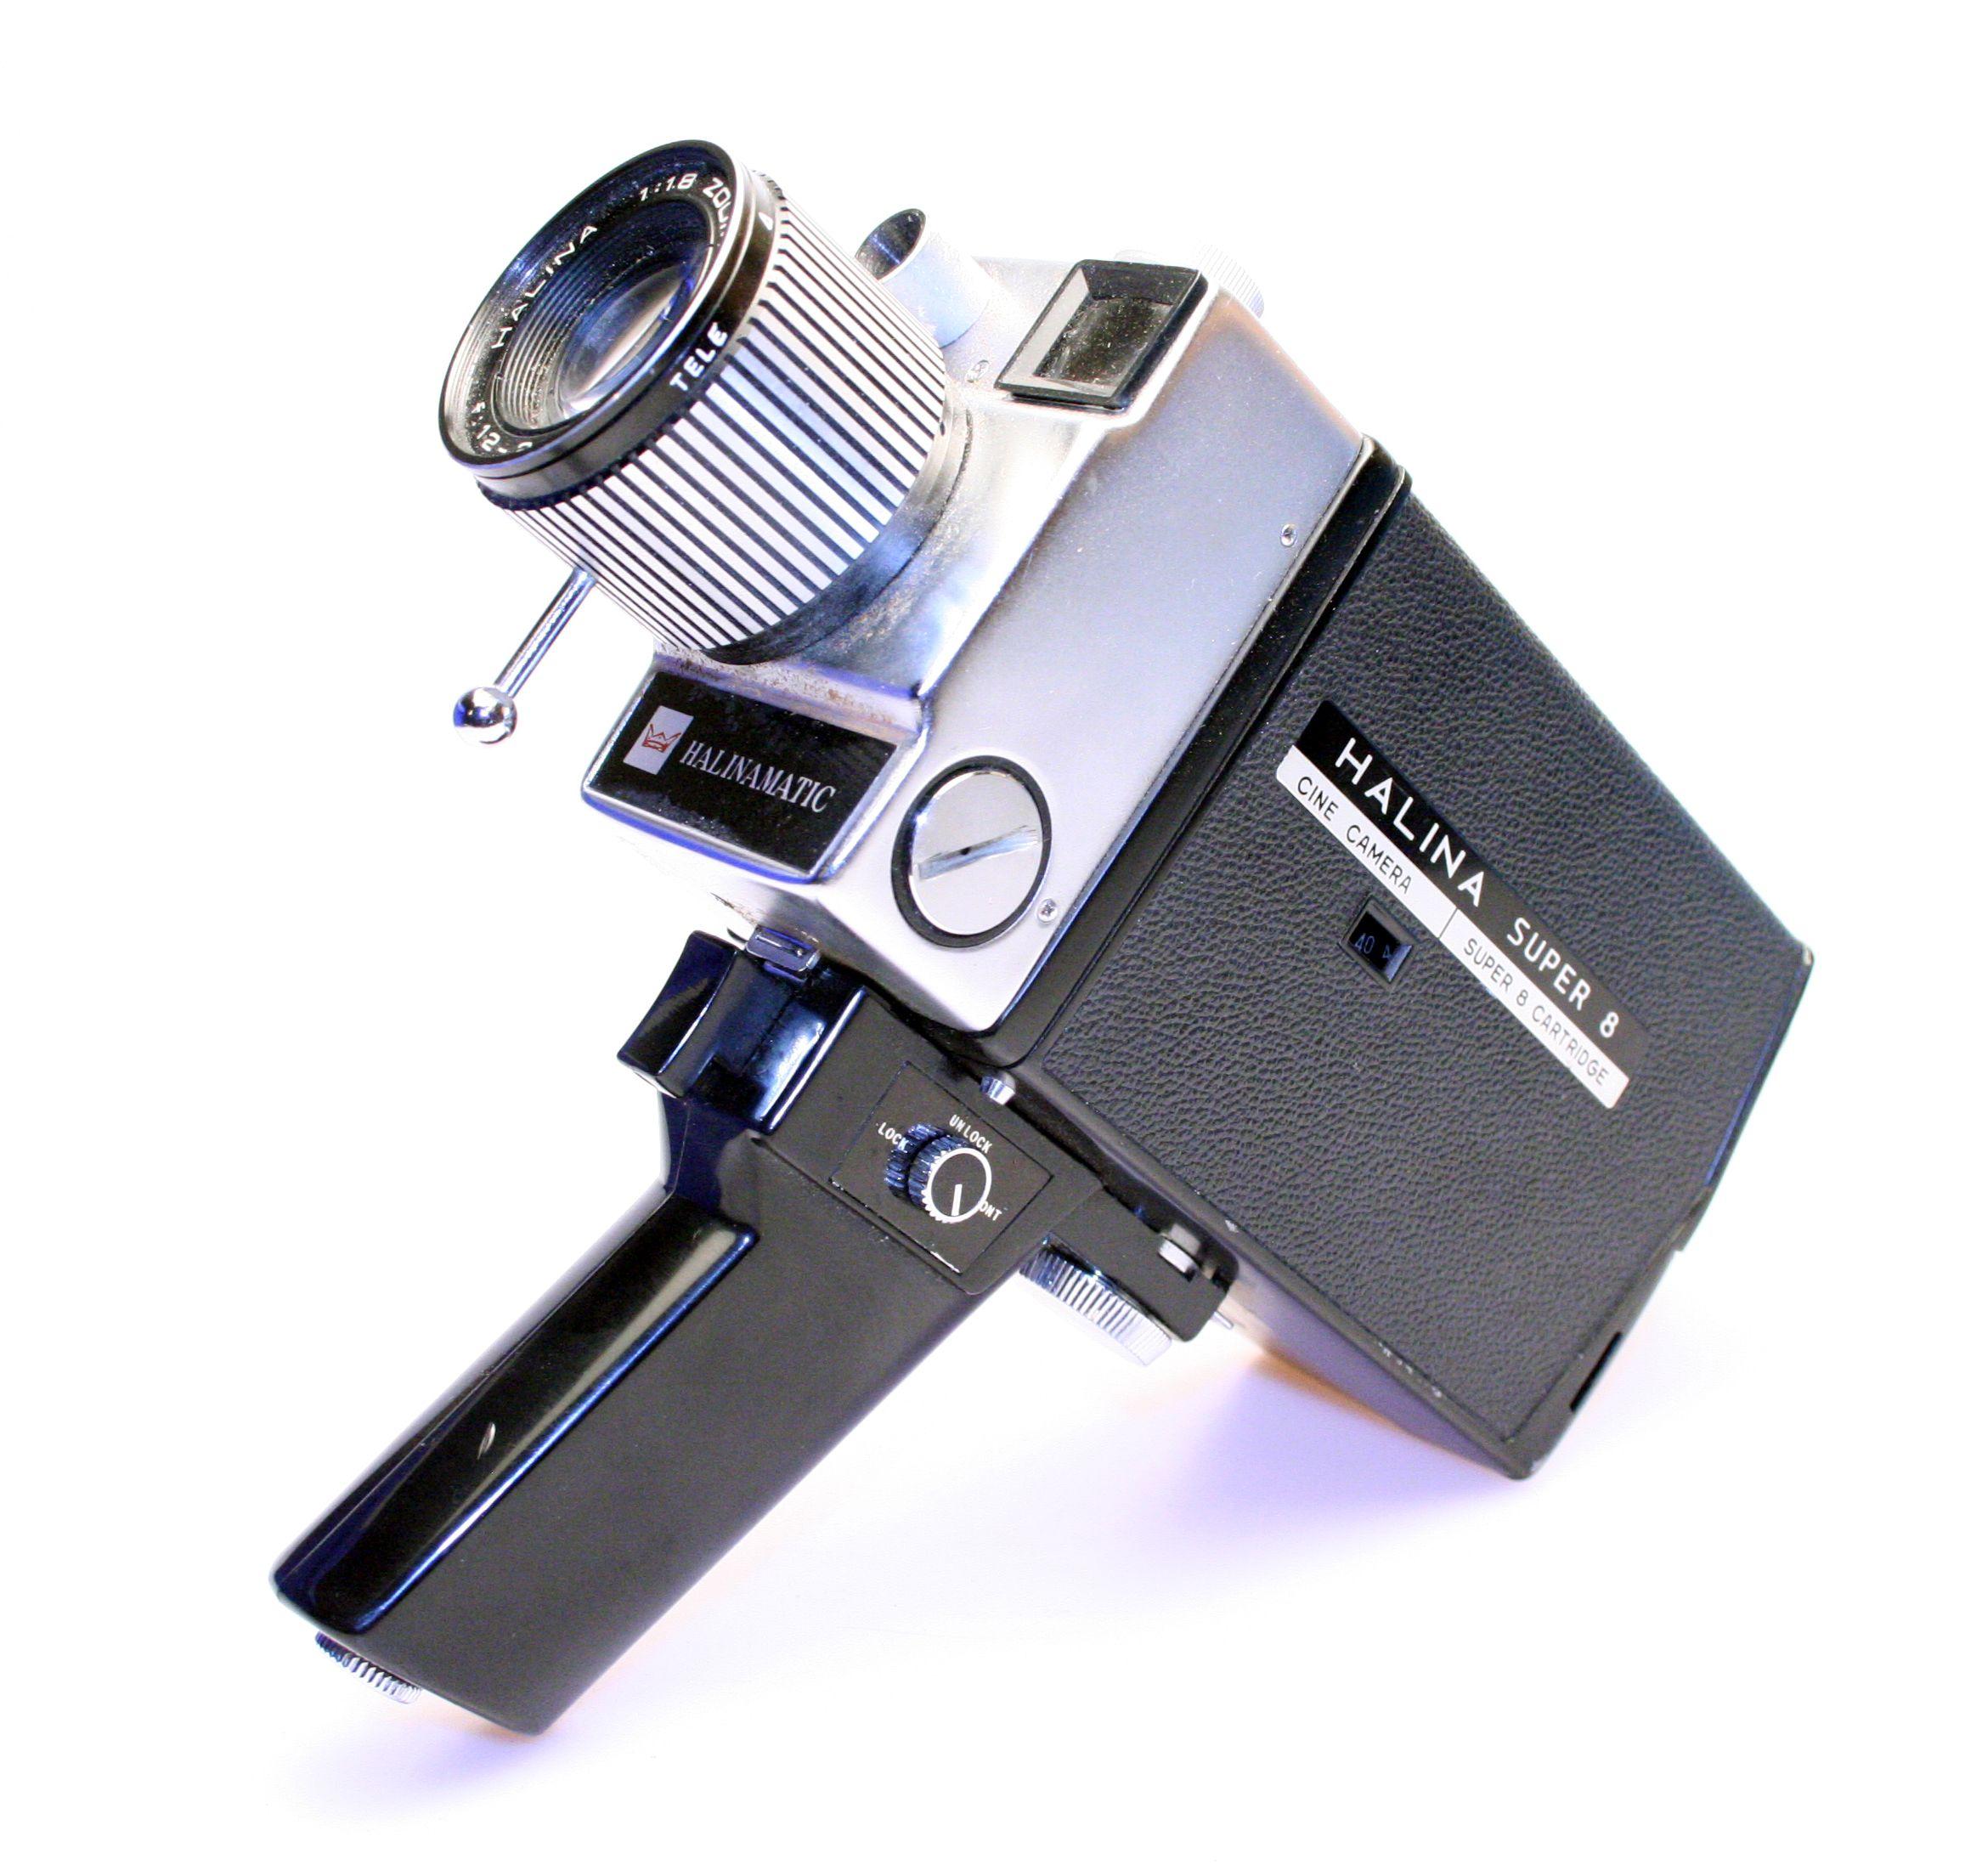 8mm Halina Video Camera 2 By Eviln8 Deviantart Com On Deviantart